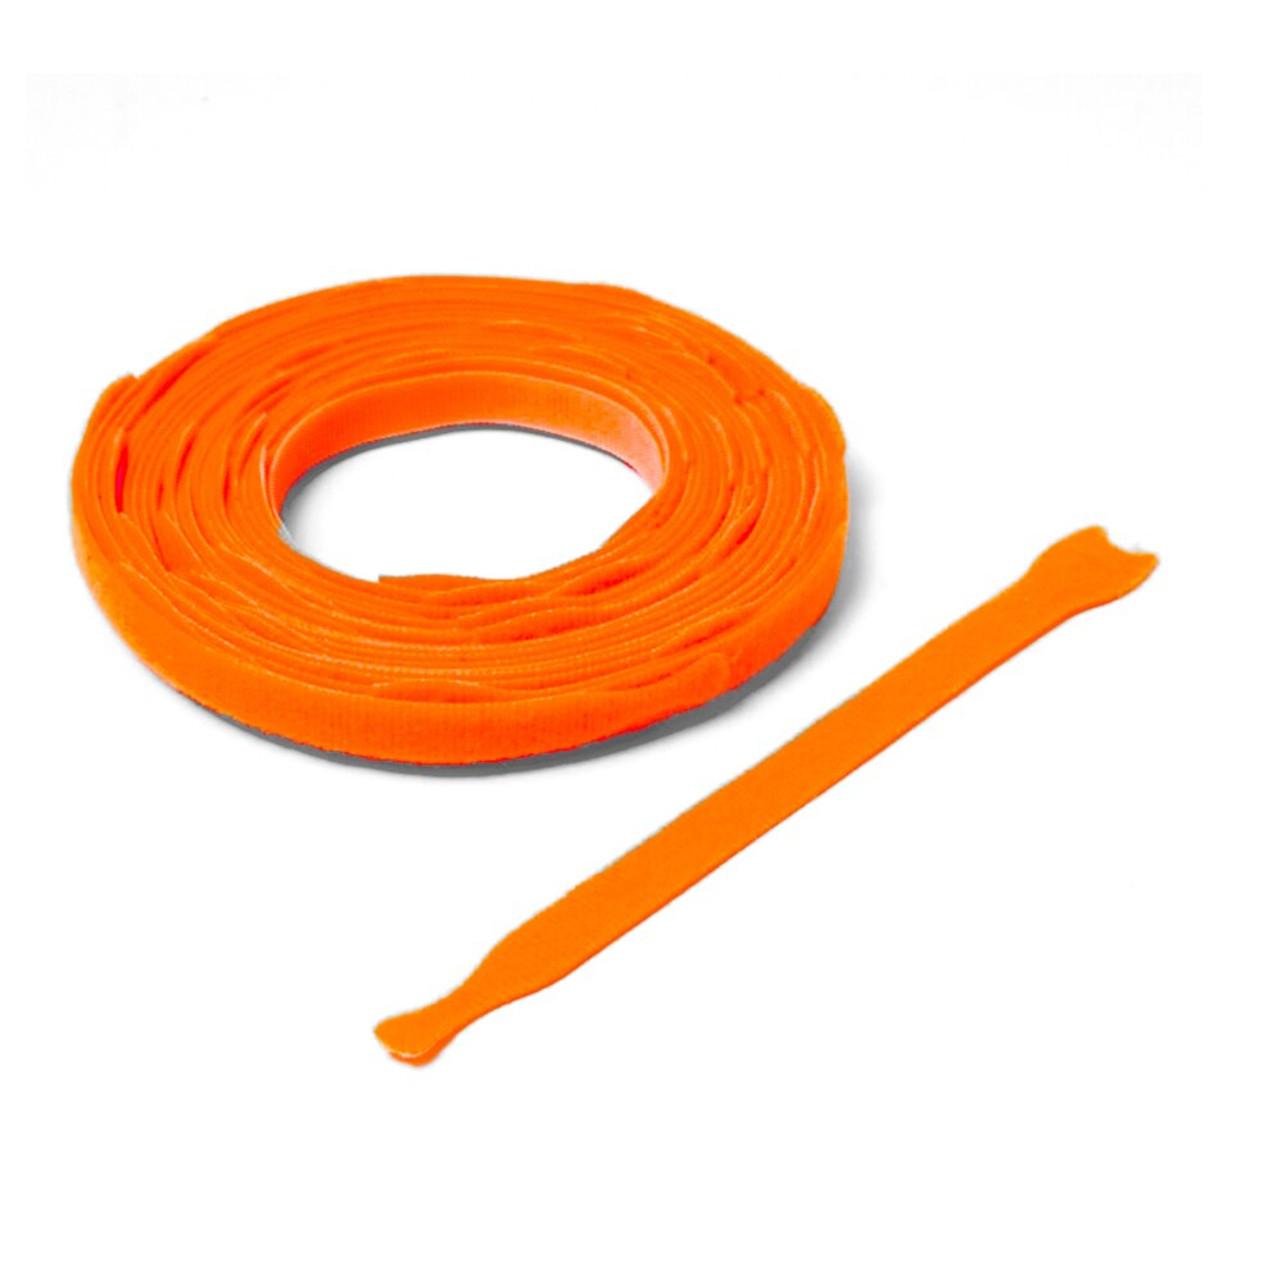 VELCRO ® Brand ONE-WRAP® Die-Cut Straps - Orange